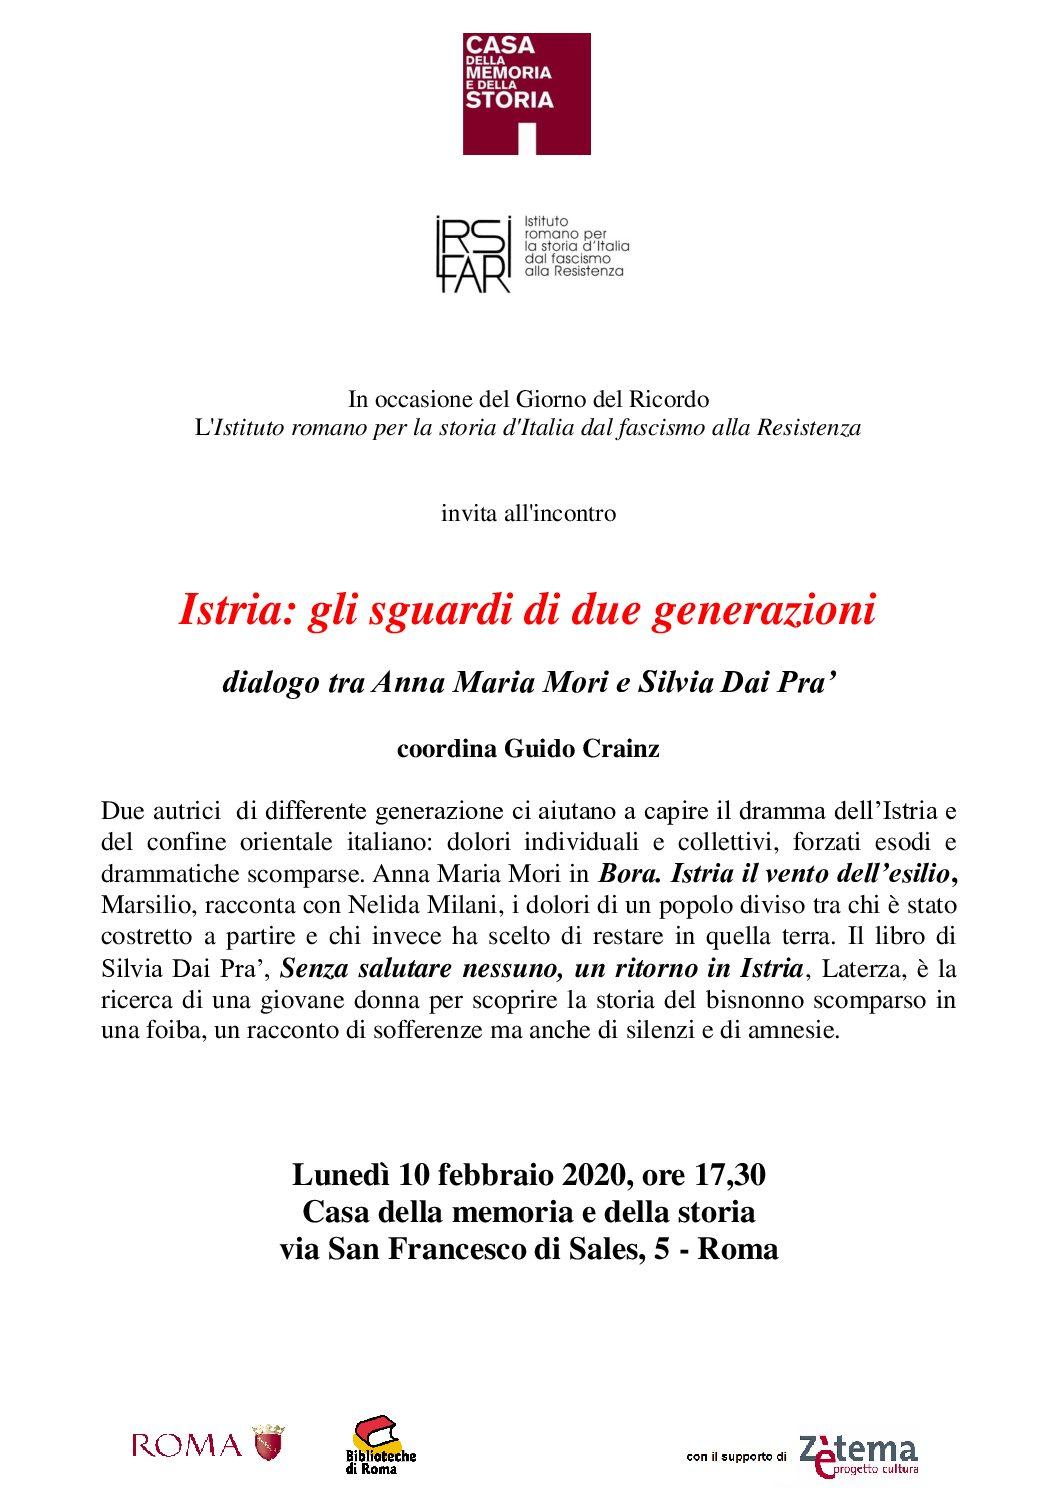 Istria: gli sguardi di due generazioni